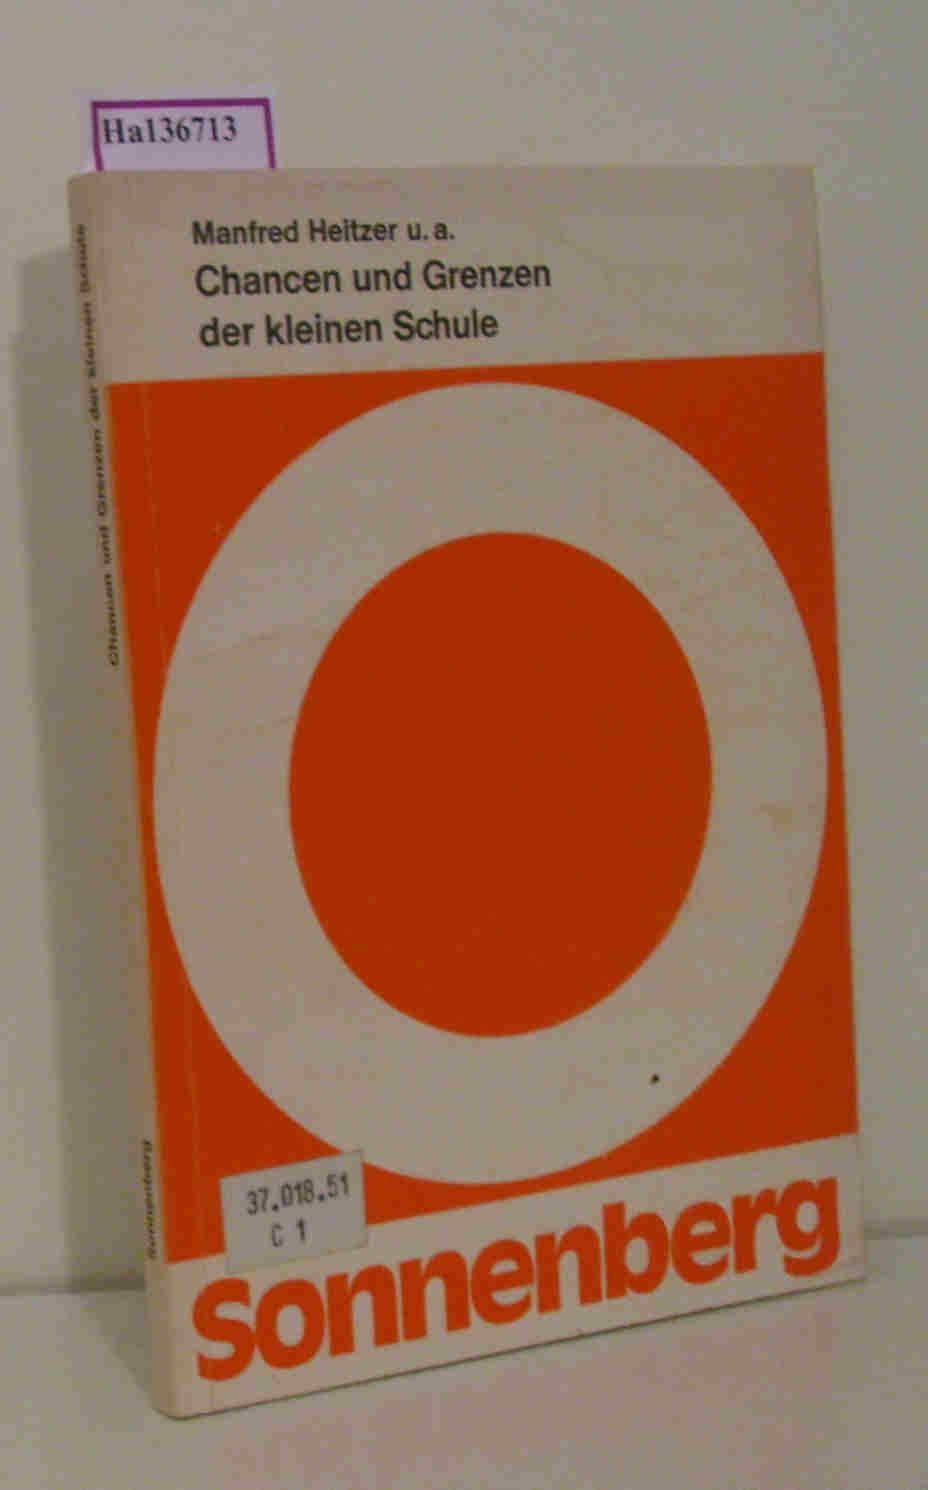 Heitzer,  Manfred u.a.: Chancen und Grenzen der kleinen Schule. Dokumentation zur Internationalen Sonnenberg-Tagung vom 29.11. - 07.12.1981.